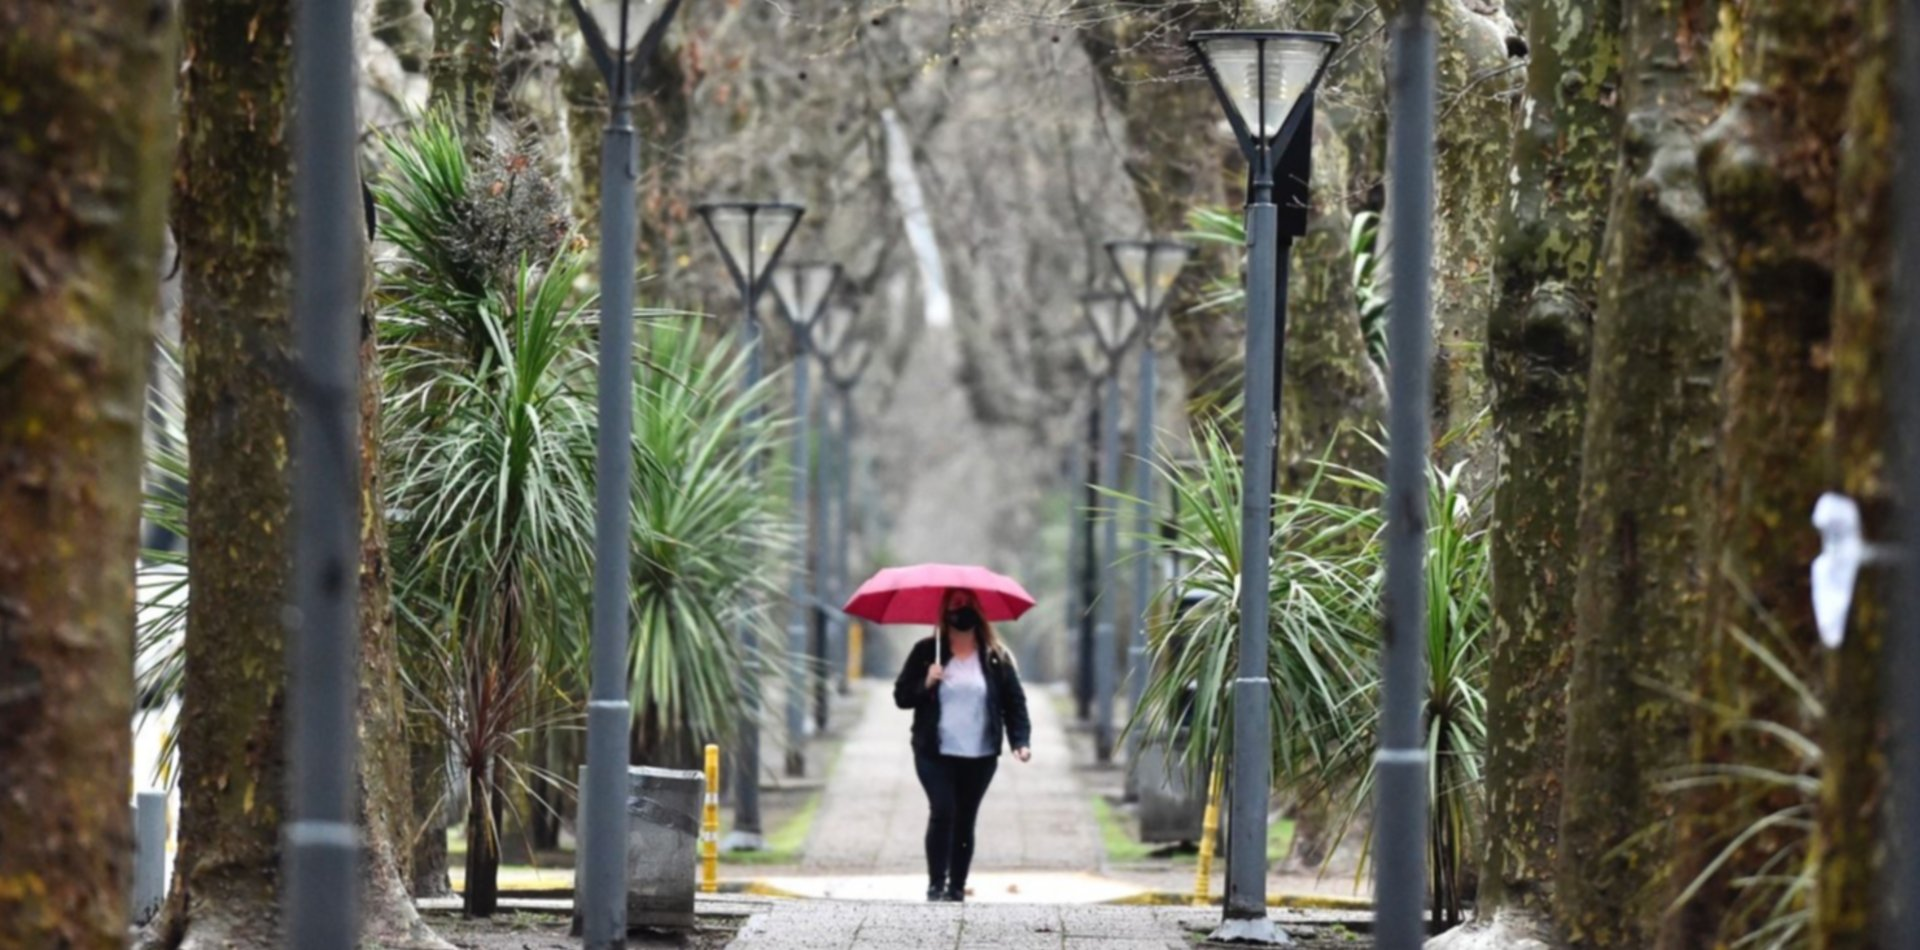 El jueves empezó soleado pero hay alerta por fuertes vientos y anuncian tormentas